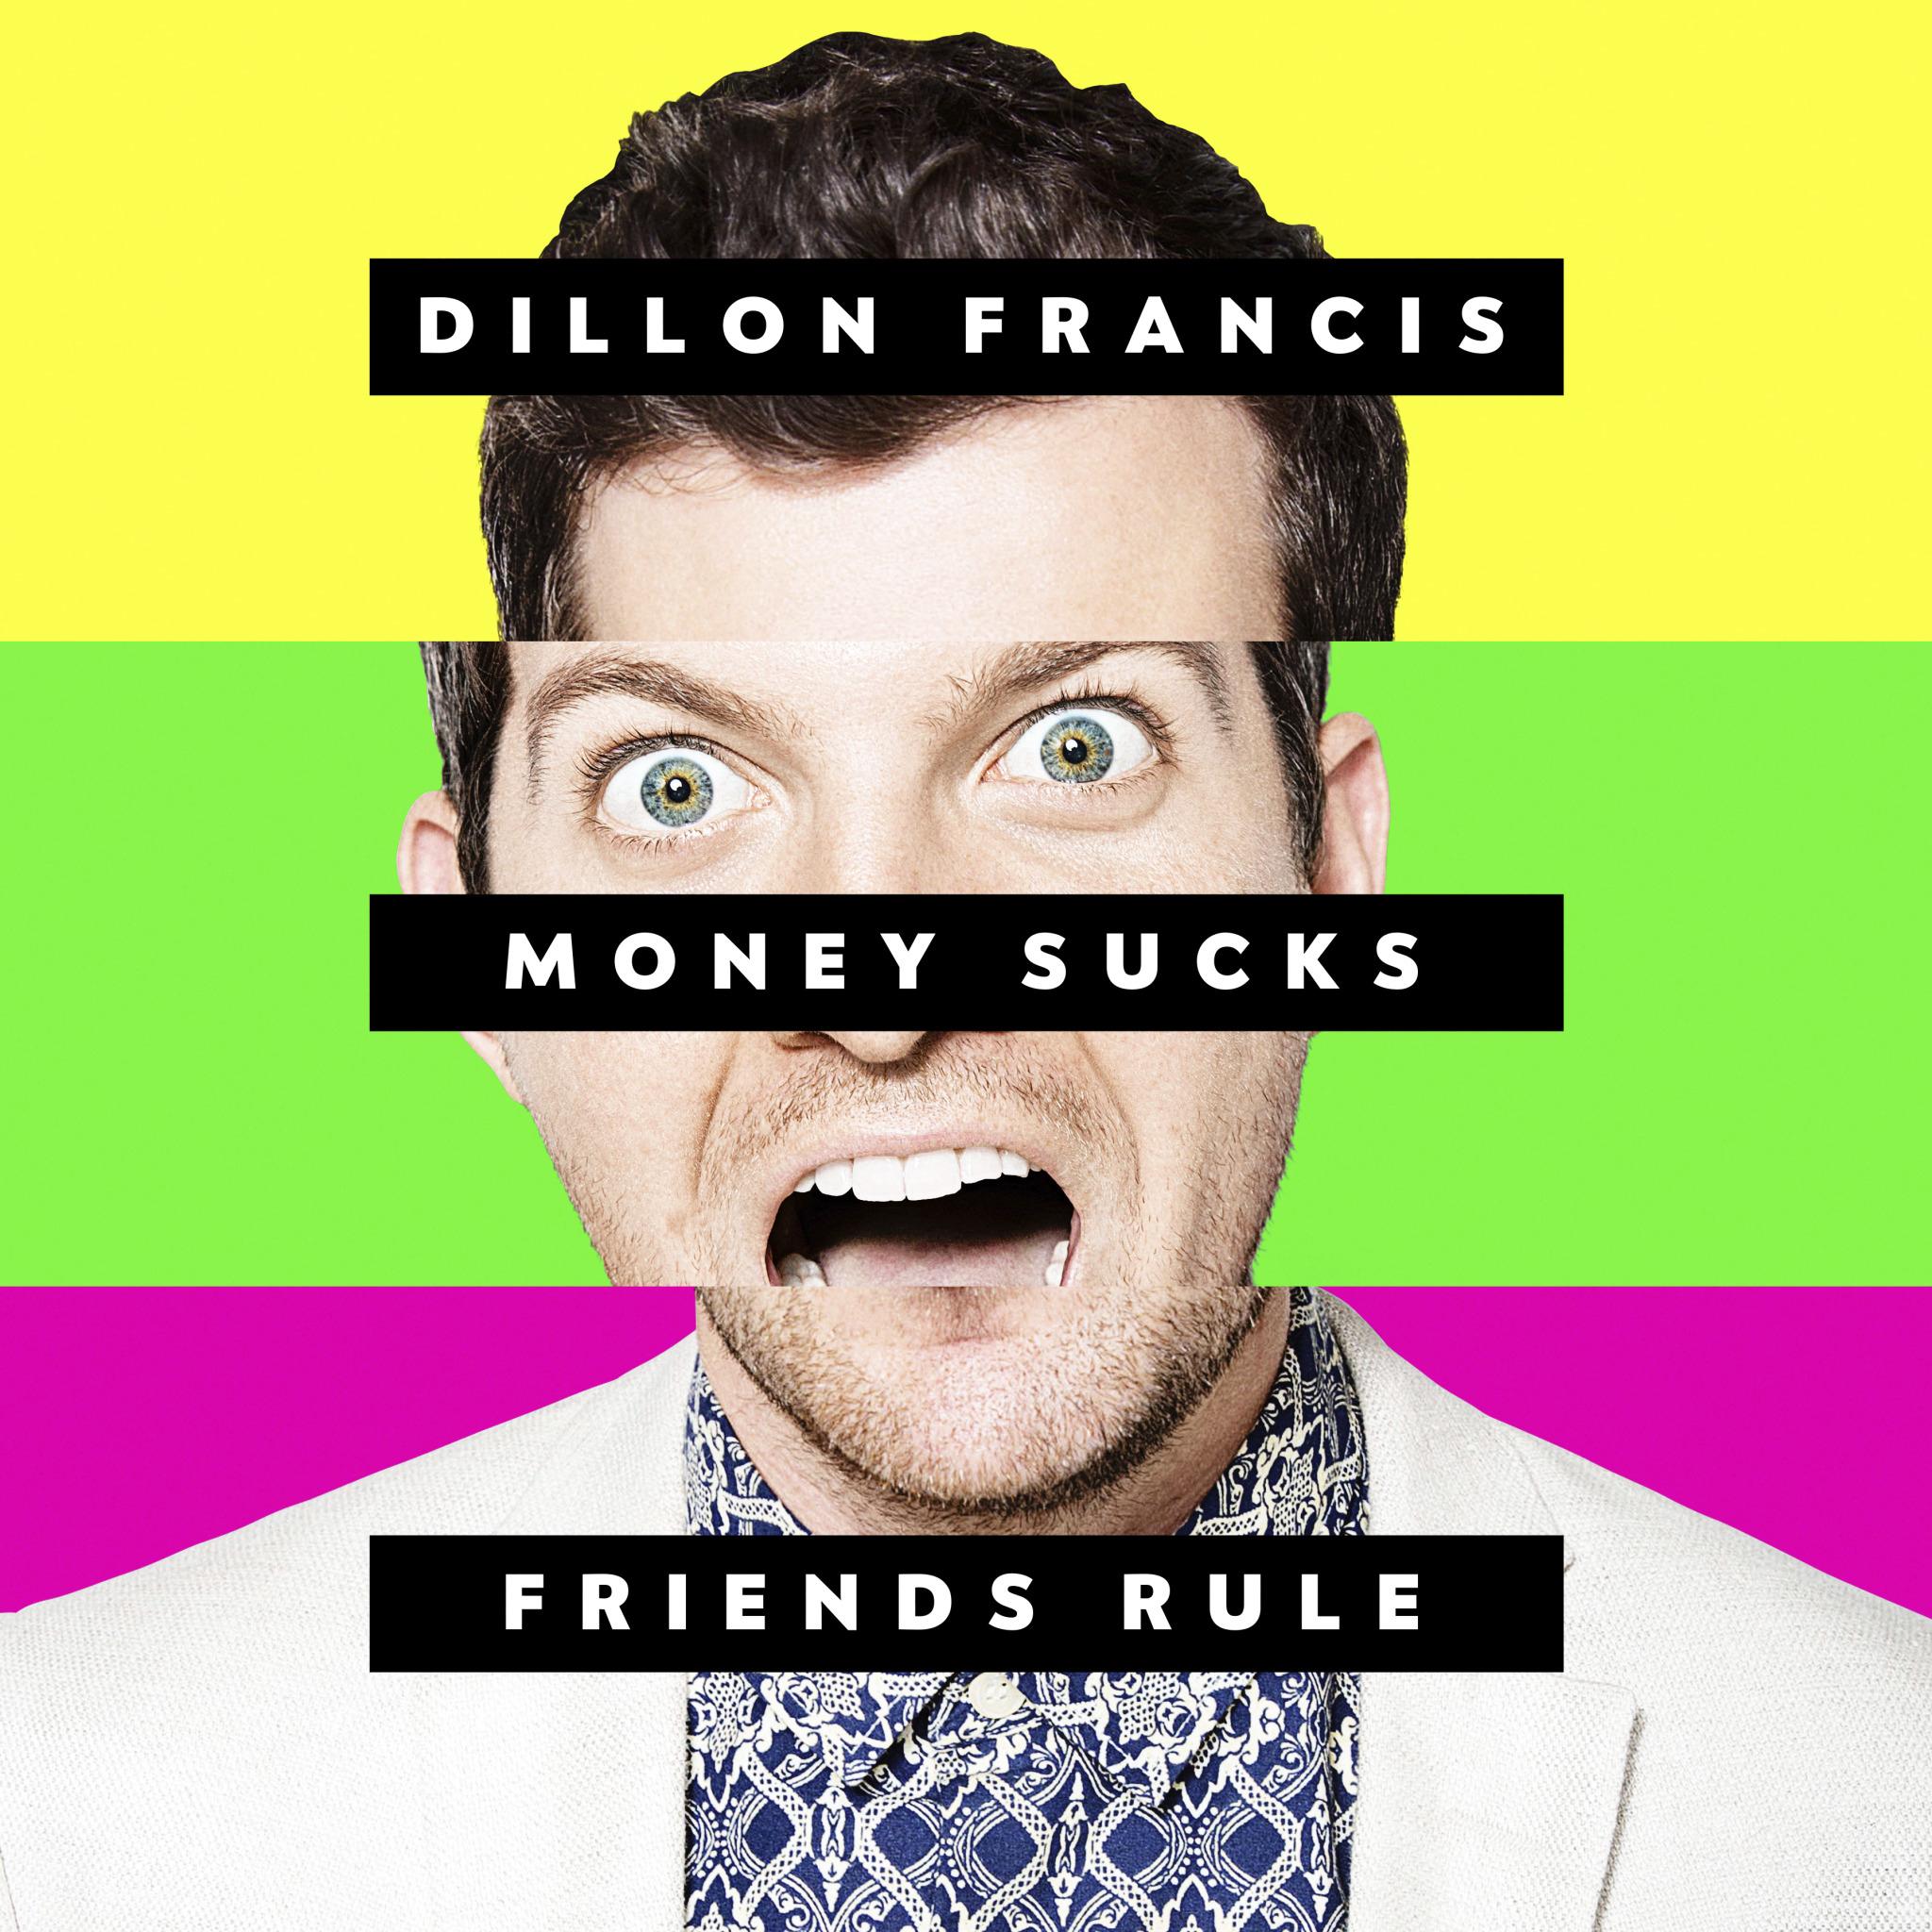 Money_Sucks_Friends_Rule_final.jpg